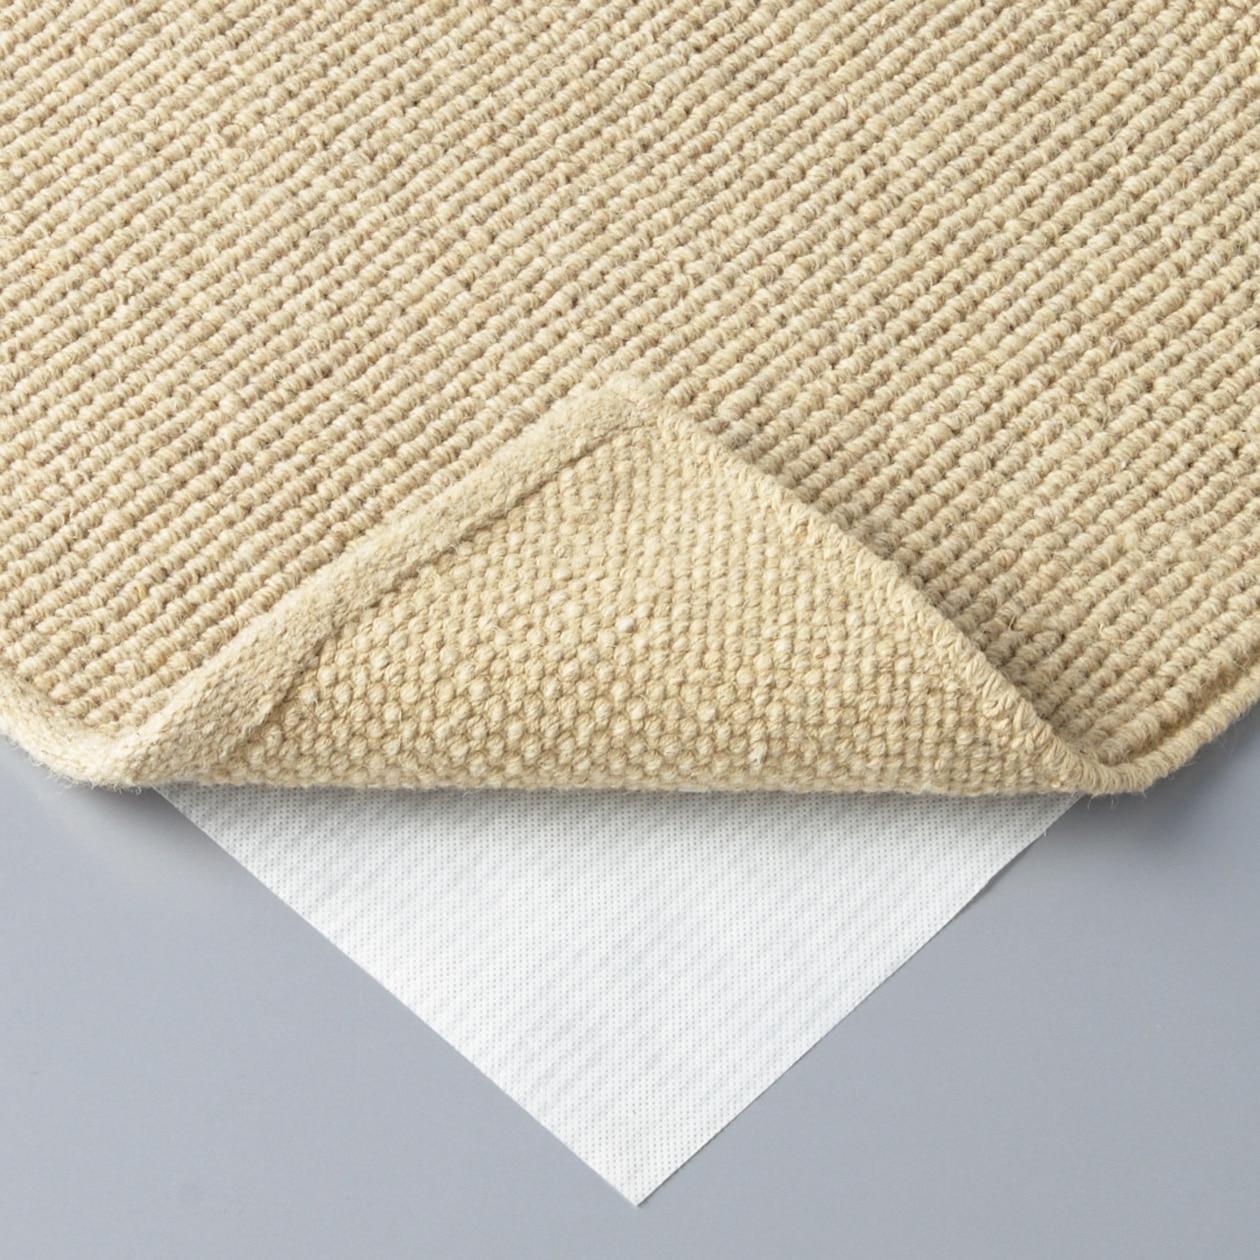 床暖房・ホットカーペットに対応。ベニオワレンラグ。ラグ ラグマット 200×250cm ベニワレン風 メッシュ [b1f-83]【 ラグ カーペット  おしゃれ 長方形 ラグ 絨毯 ...